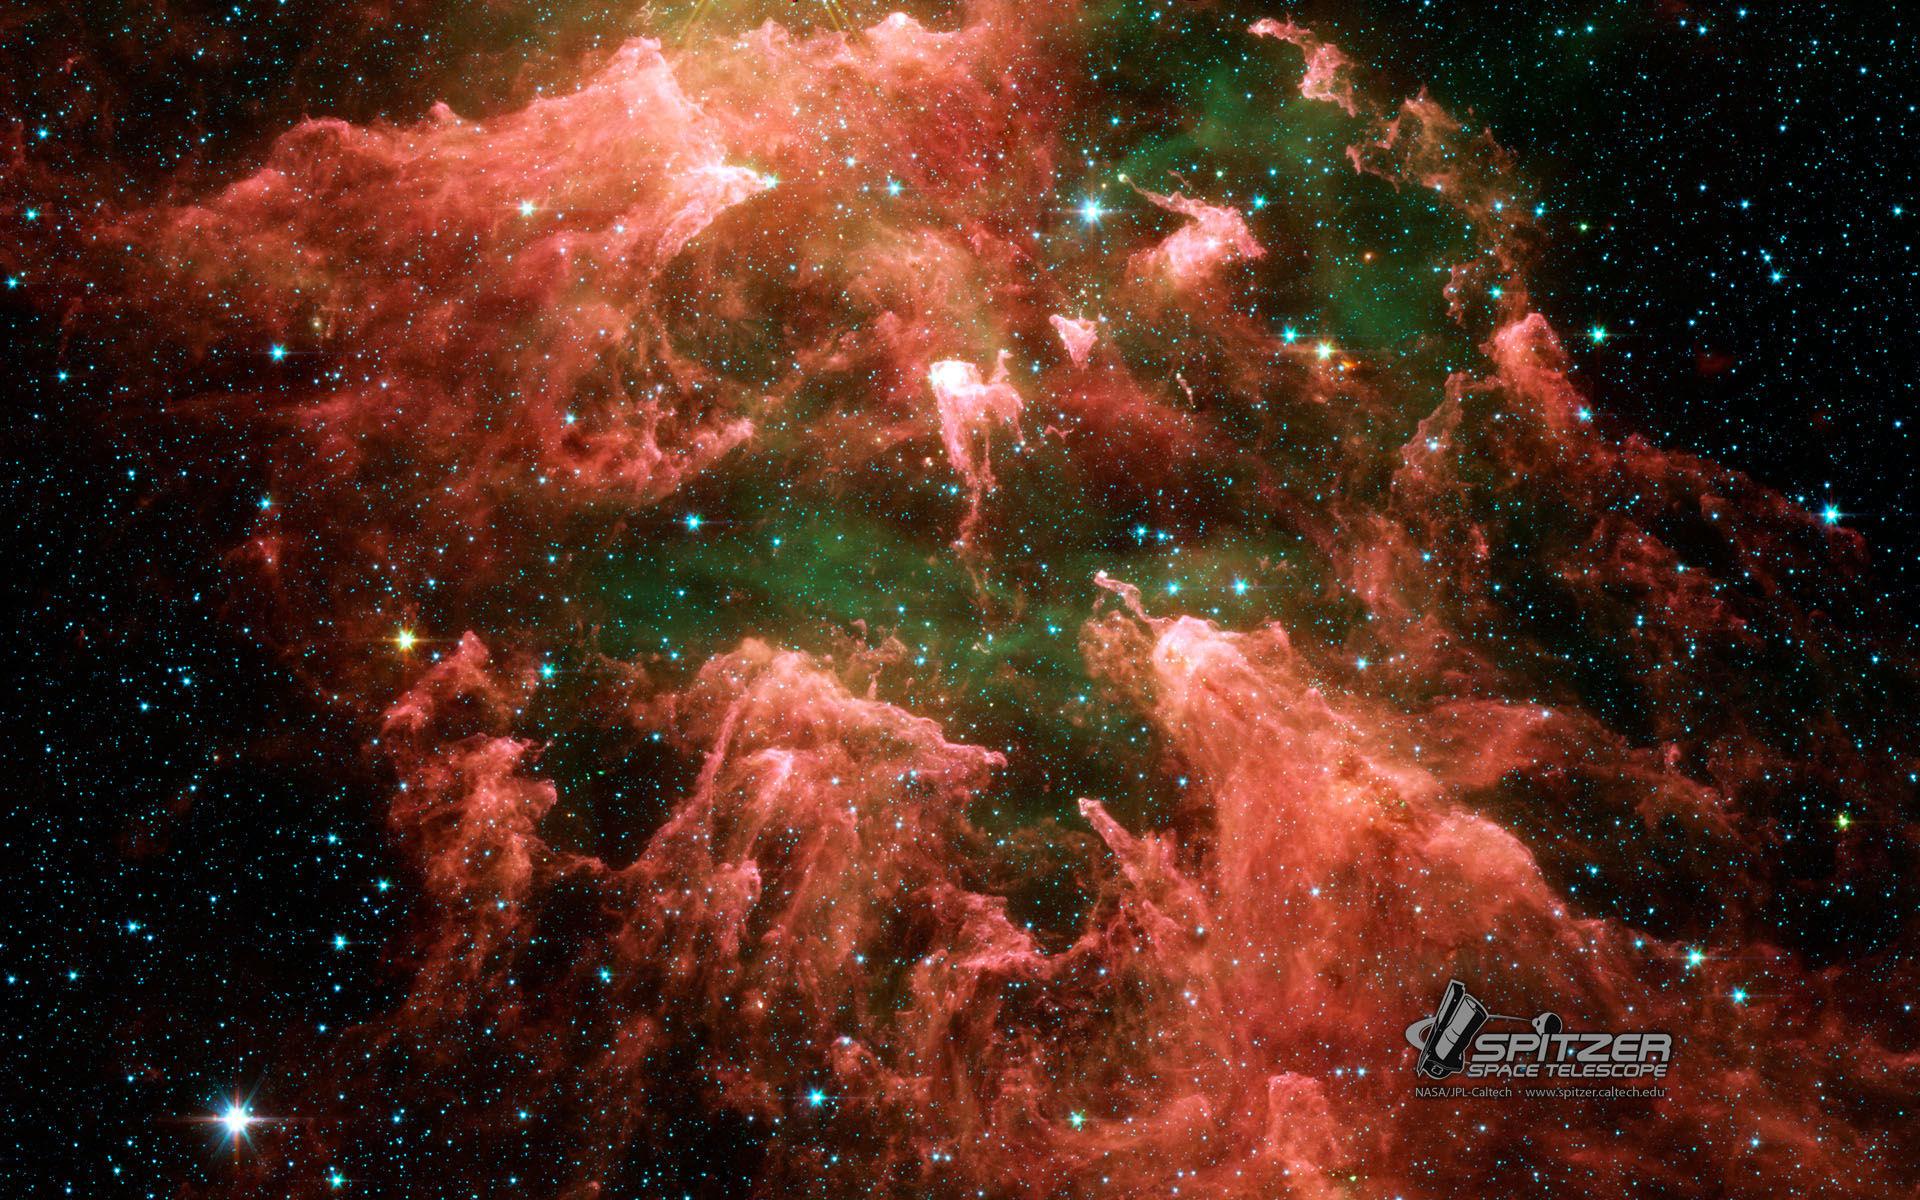 Новые данные демонстрируют, что состав космических лучей сложнее, чем ожидалось